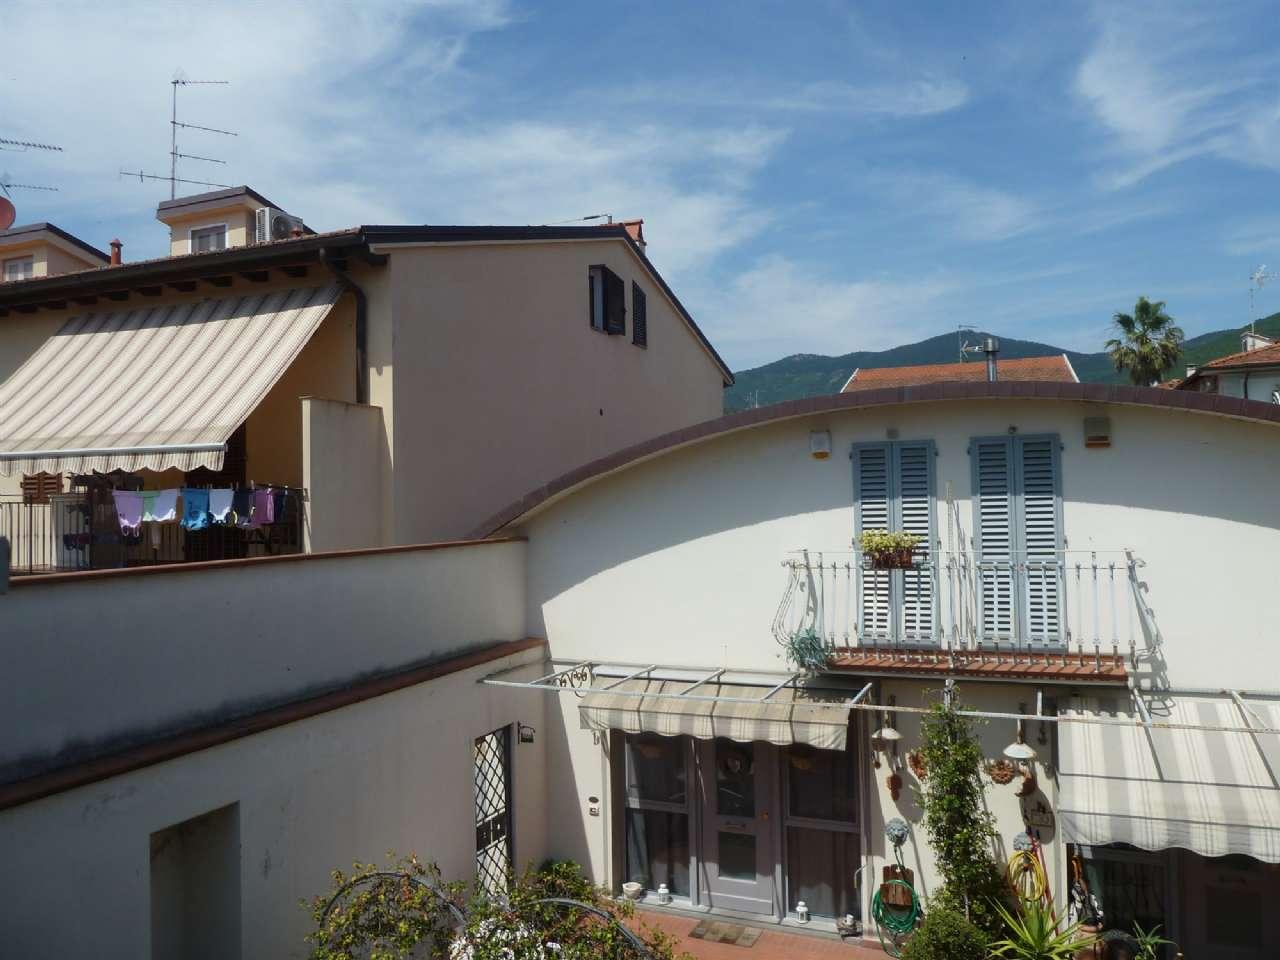 Palazzo / Stabile in vendita a Sesto Fiorentino, 4 locali, prezzo € 285.000   CambioCasa.it